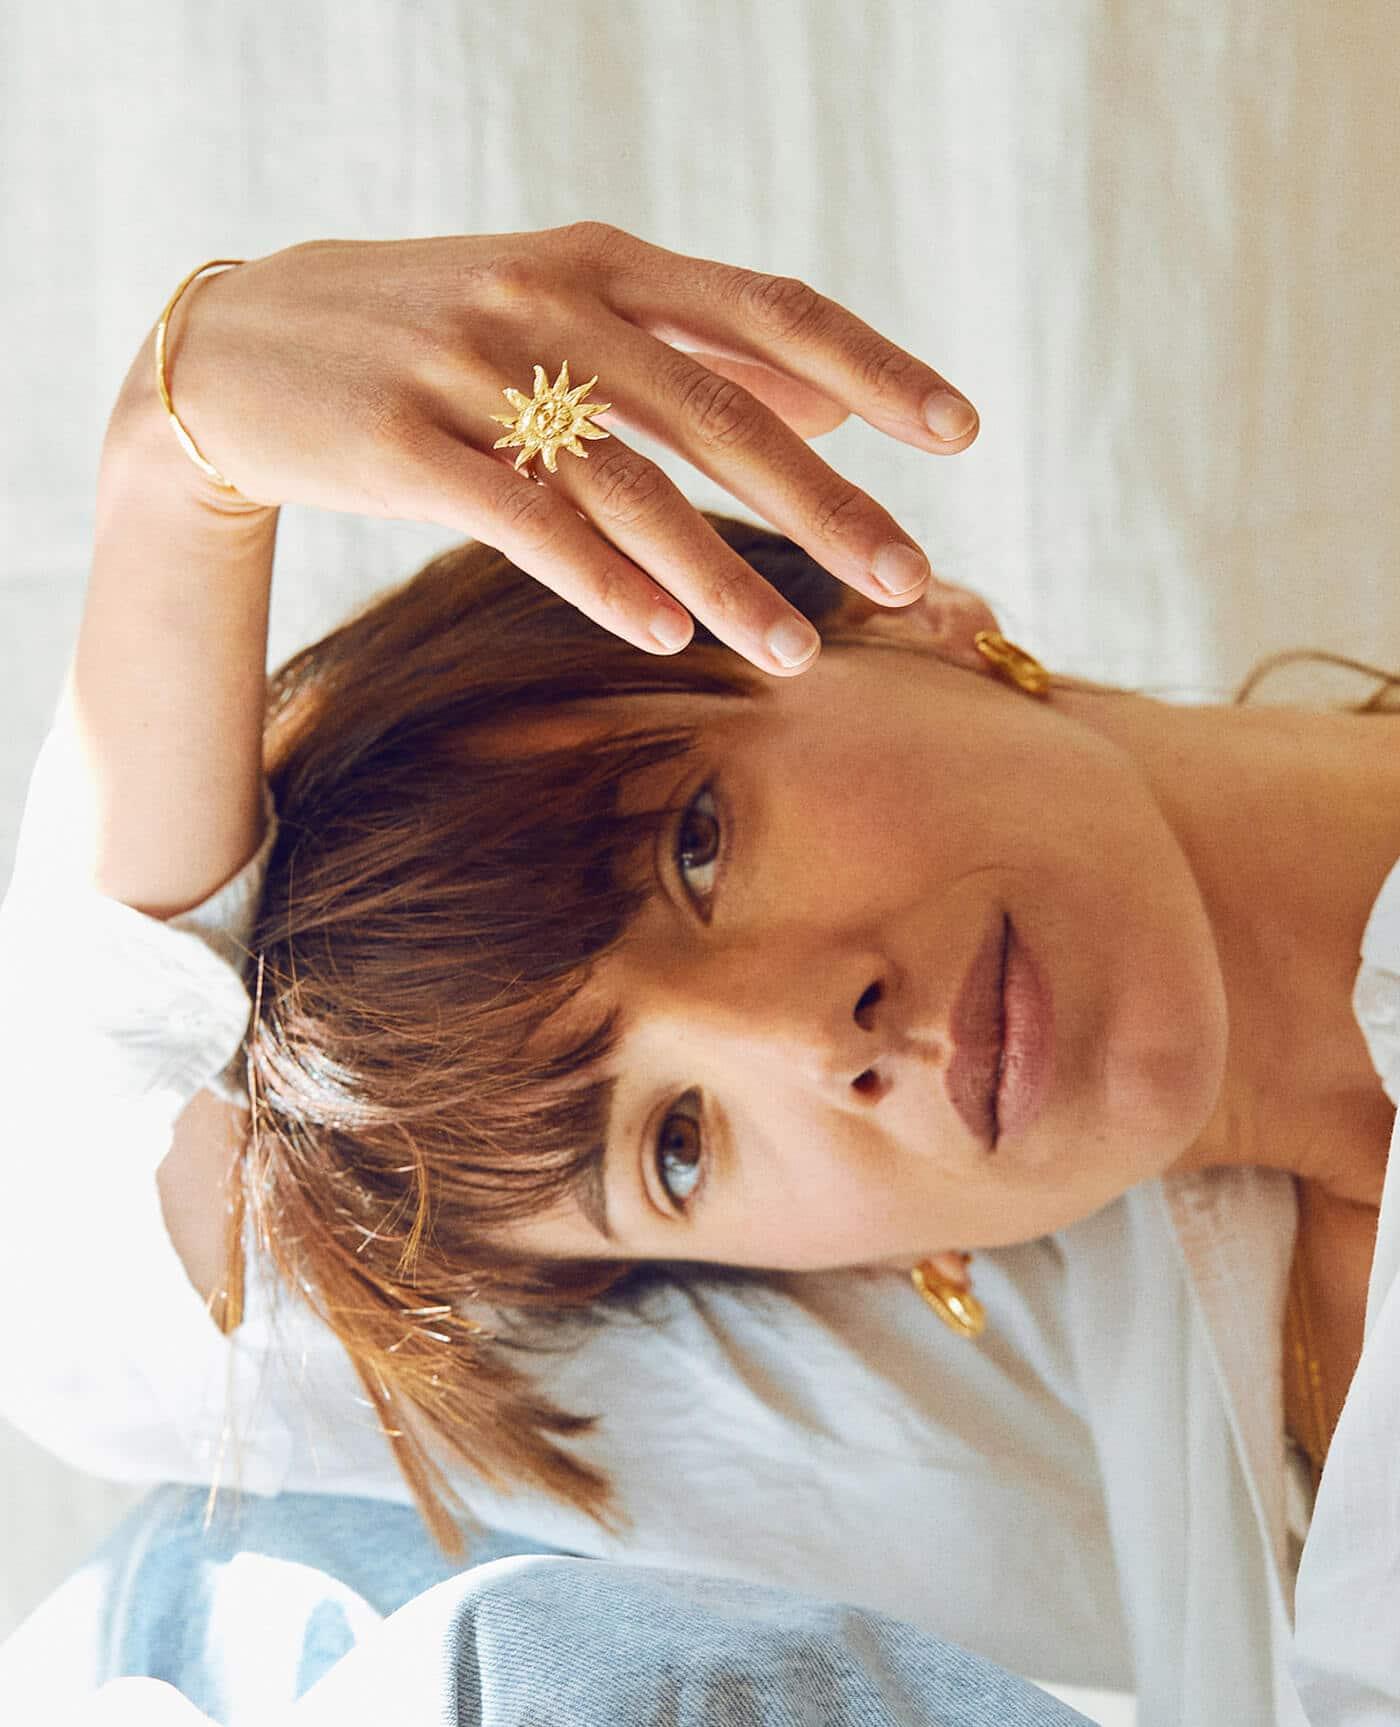 bague en or forme de soleil modèle Démé de la marque Elise Tsikis